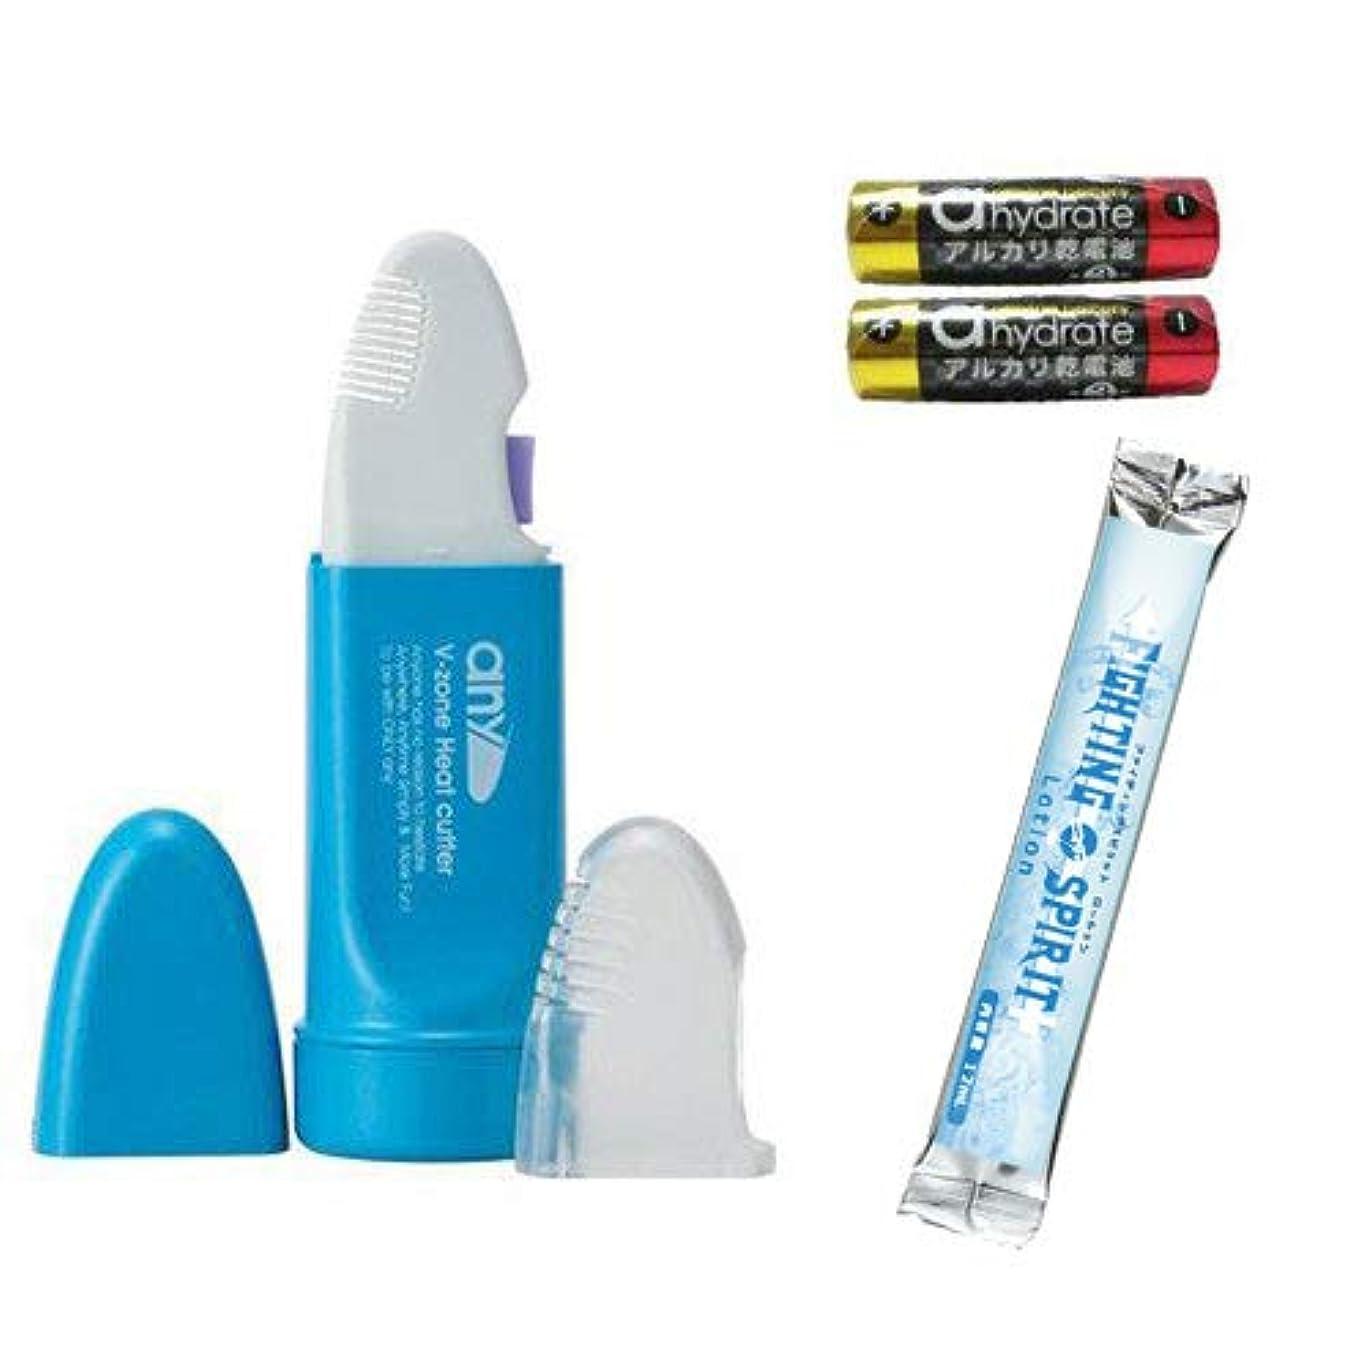 アセンブリ汗戦闘V-Zone Heat Cutter any(エニィ) Stylish マリンブルー + 単3アルカリ電池2本付きセット + ファイティングスピリットローション(12mL) 付き